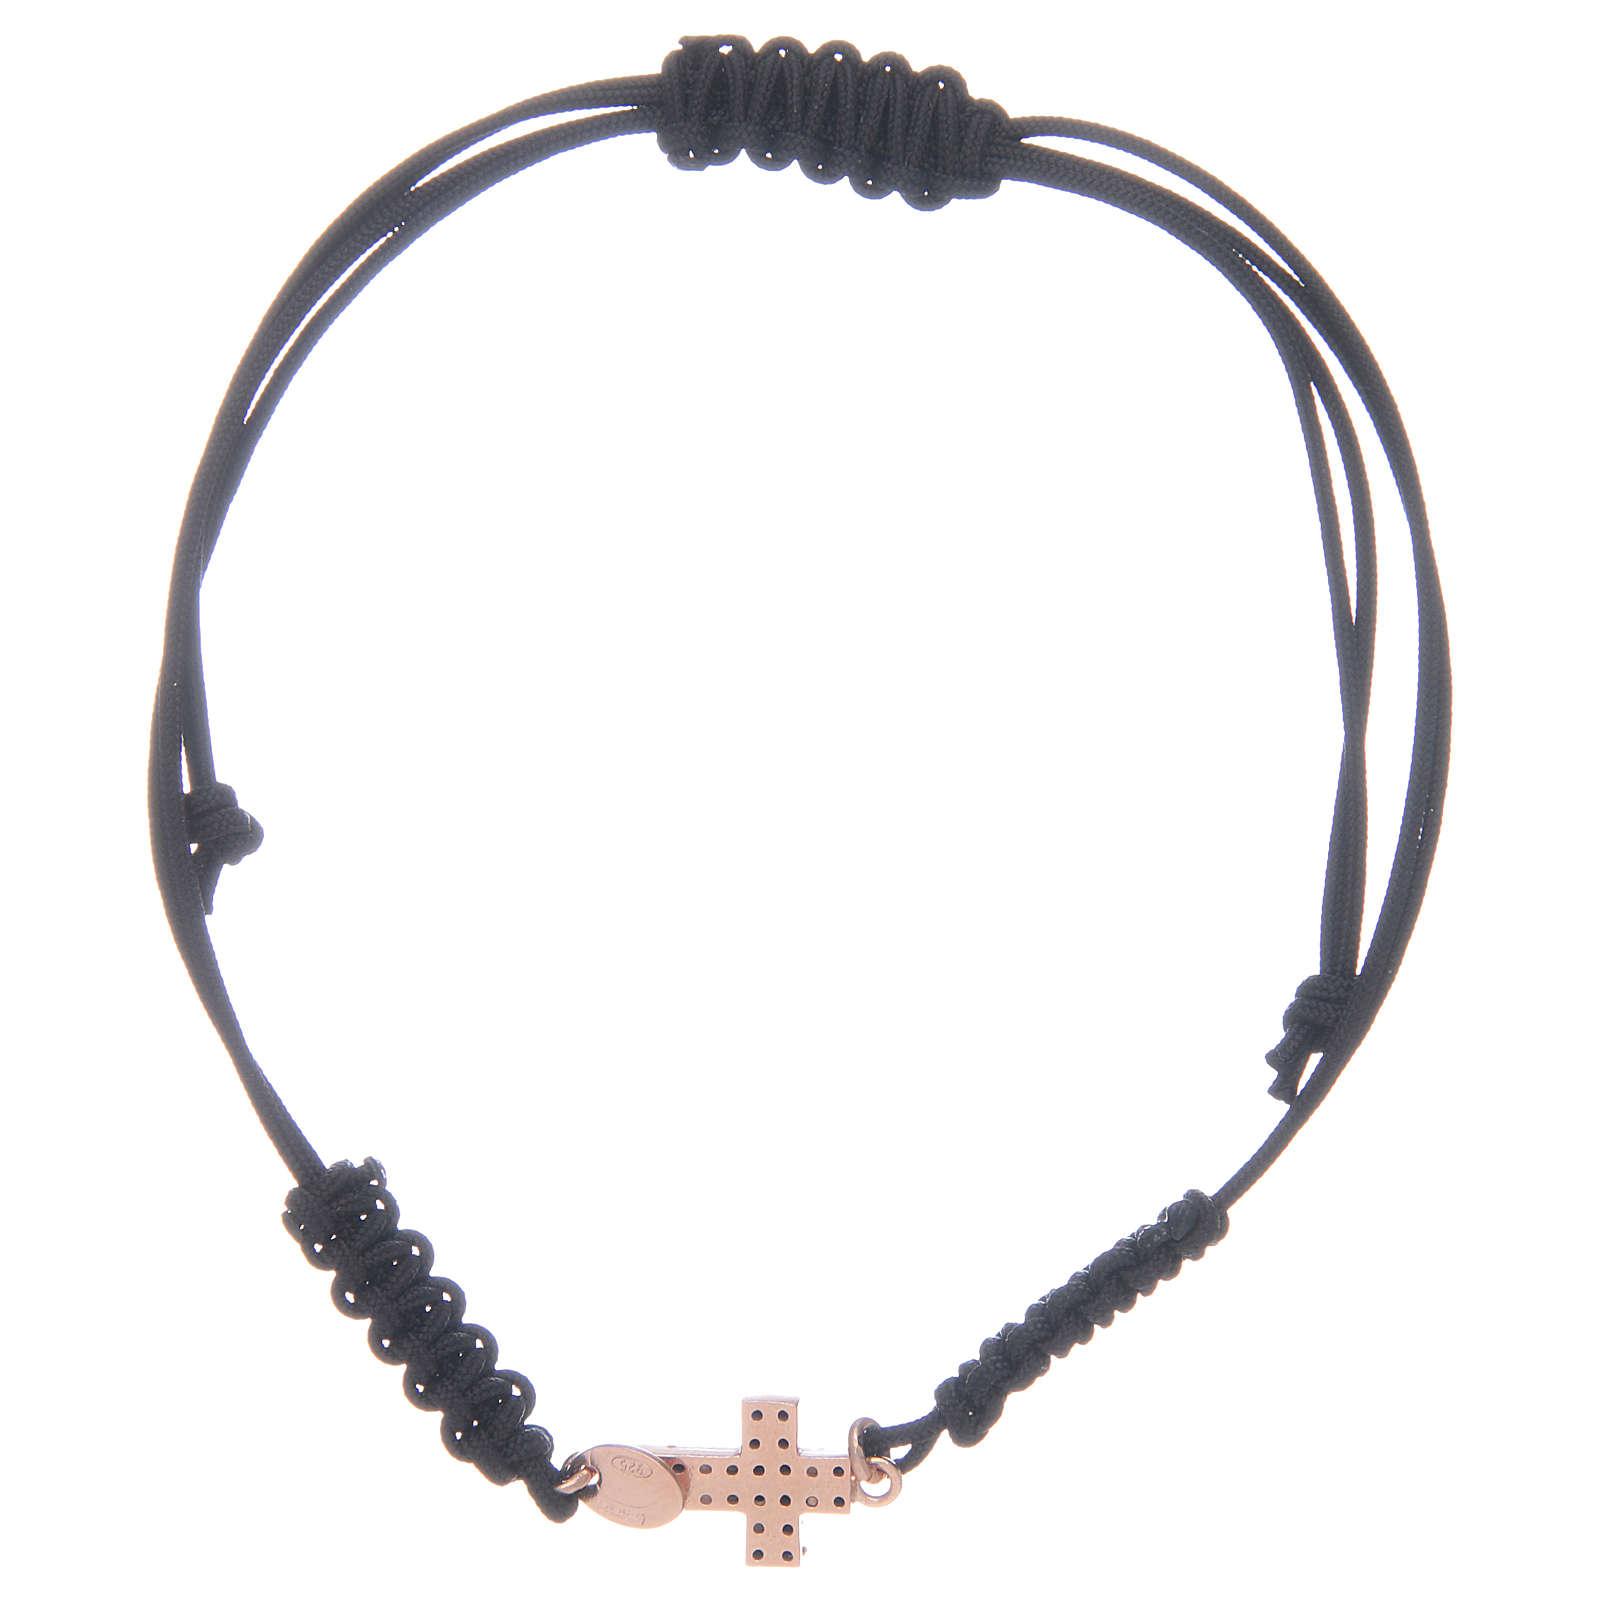 Bracciale cordino con croce rosata 1,3x1 cm con zirconi neri arg 925 4